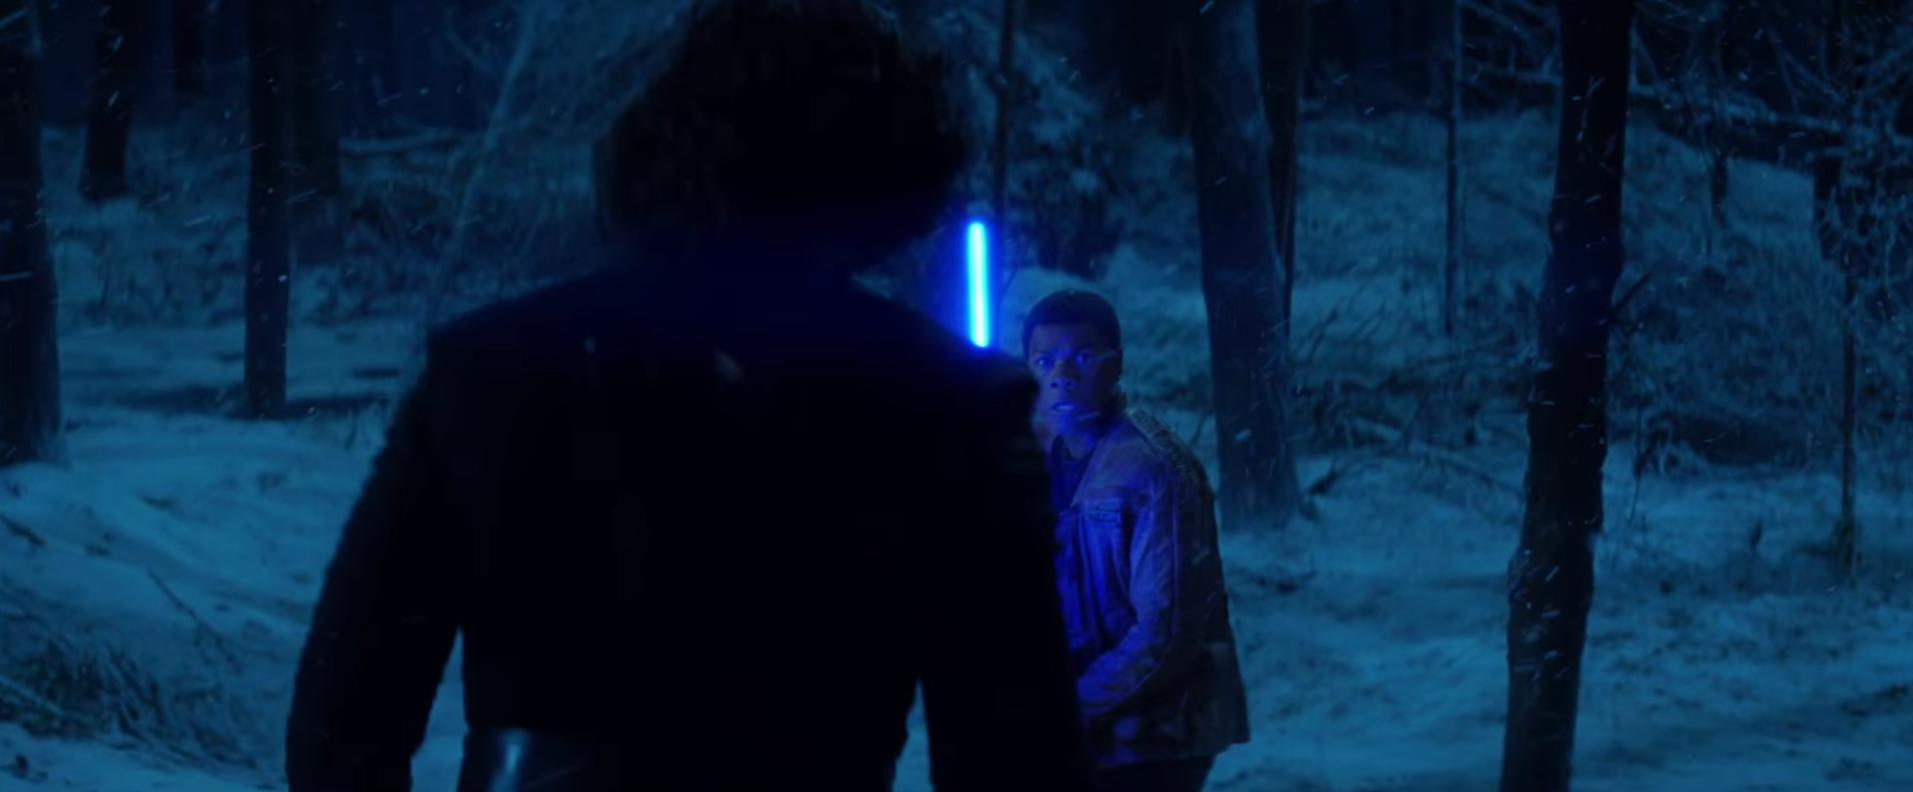 Разбор трейлера «Star Wars: Episode VII». Почему плачет Рей? (осторожно, потенциальный спойлер) - 12